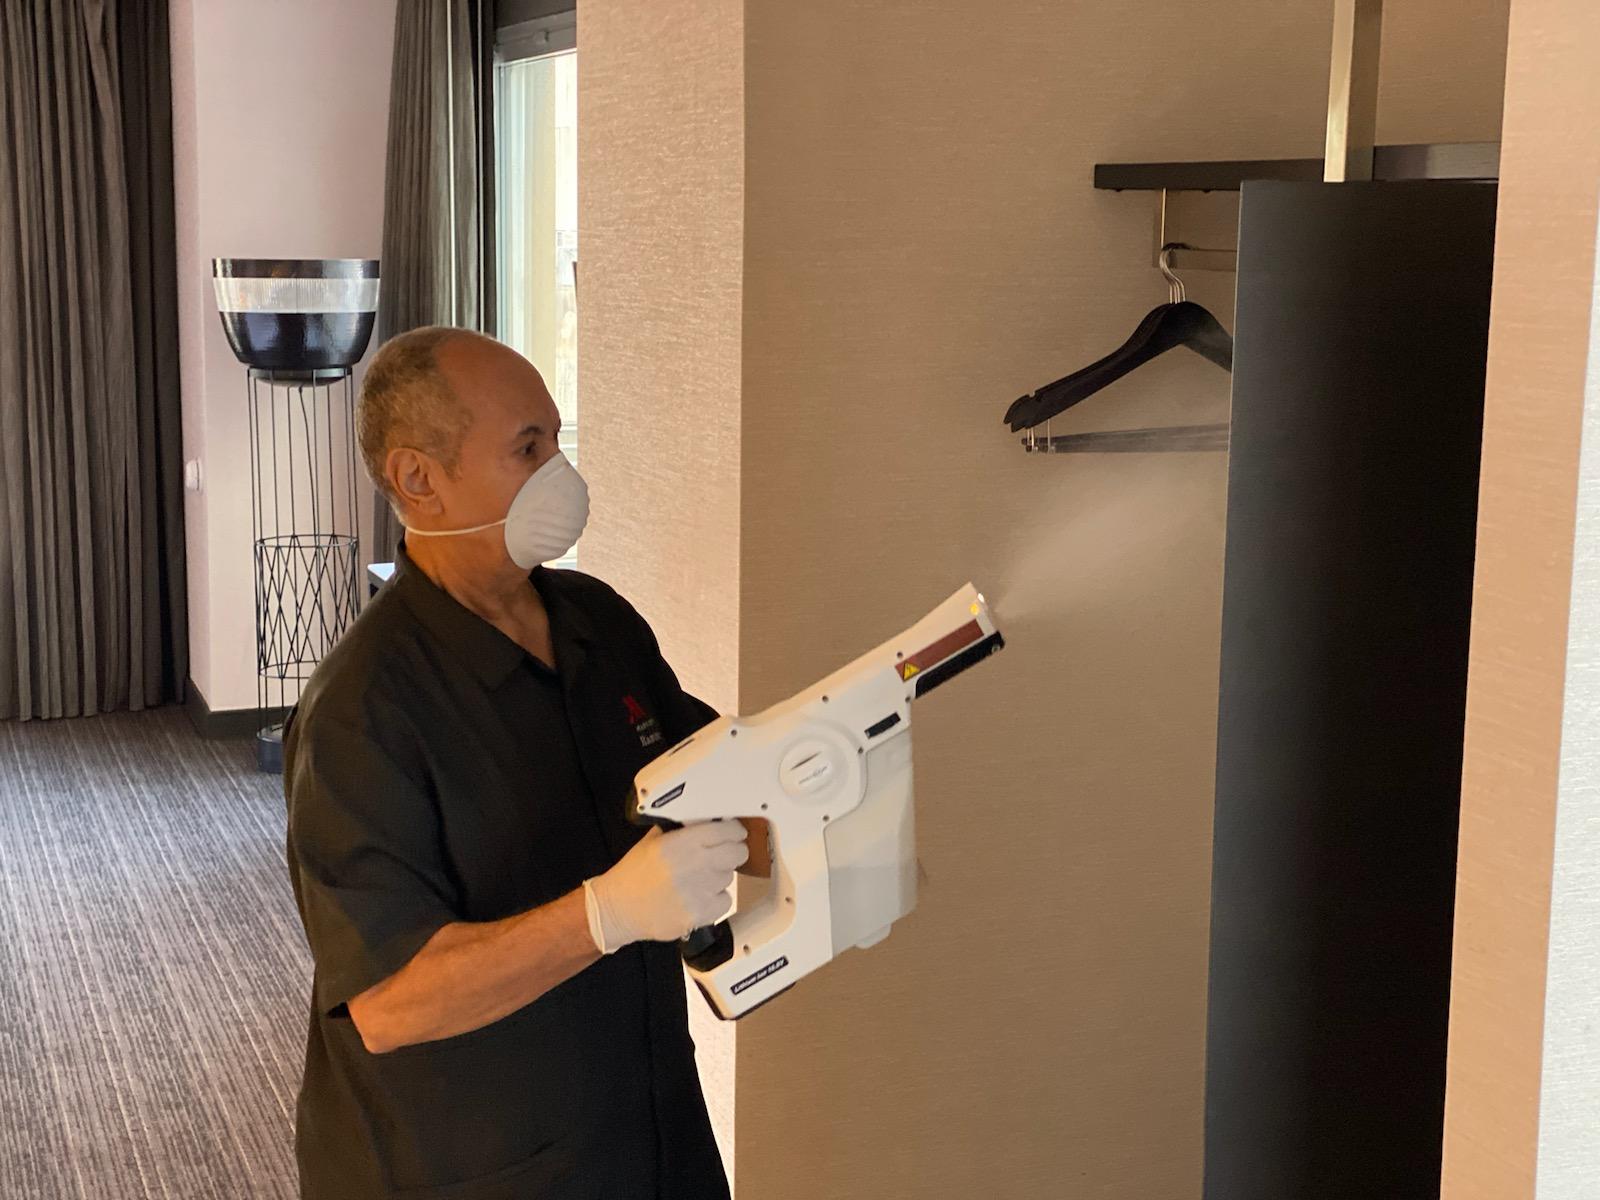 Rengøring og hygiejne bliver noget af det helt store når rejsebranchen igen åbner op, fastslår eksperter. Arkivpressefoto fra Marriott.